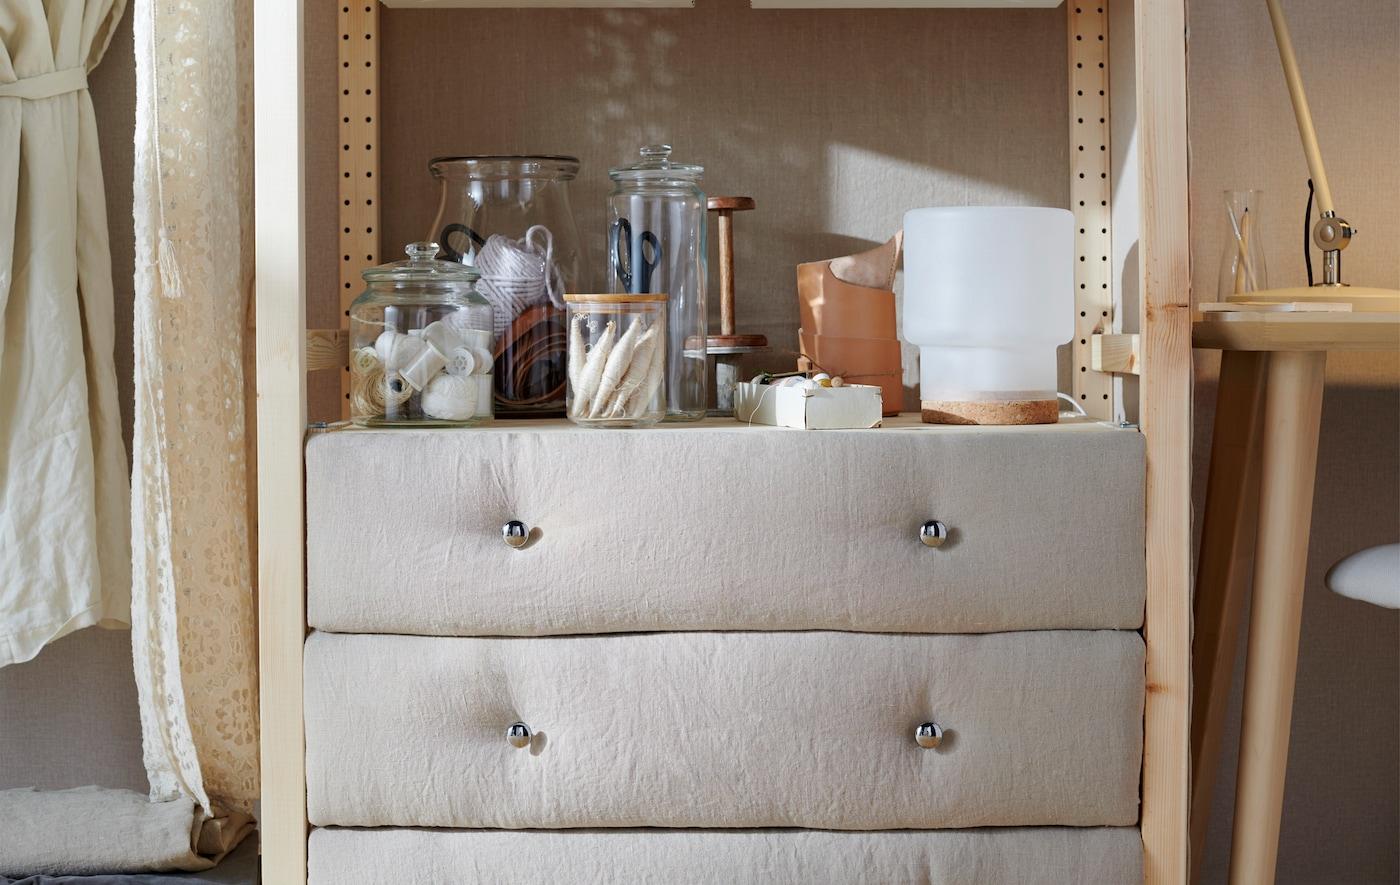 قم بتحديث خزانة ذات أدراج باستخدام القماش لمظهر مفعم بالدفء! ثم استخدمها لتخزين مستلزمات الخياطة. جرب خزانة IVAR من ايكيا ذات 3 أدراج من خشب الصنوبر الطبيعي.